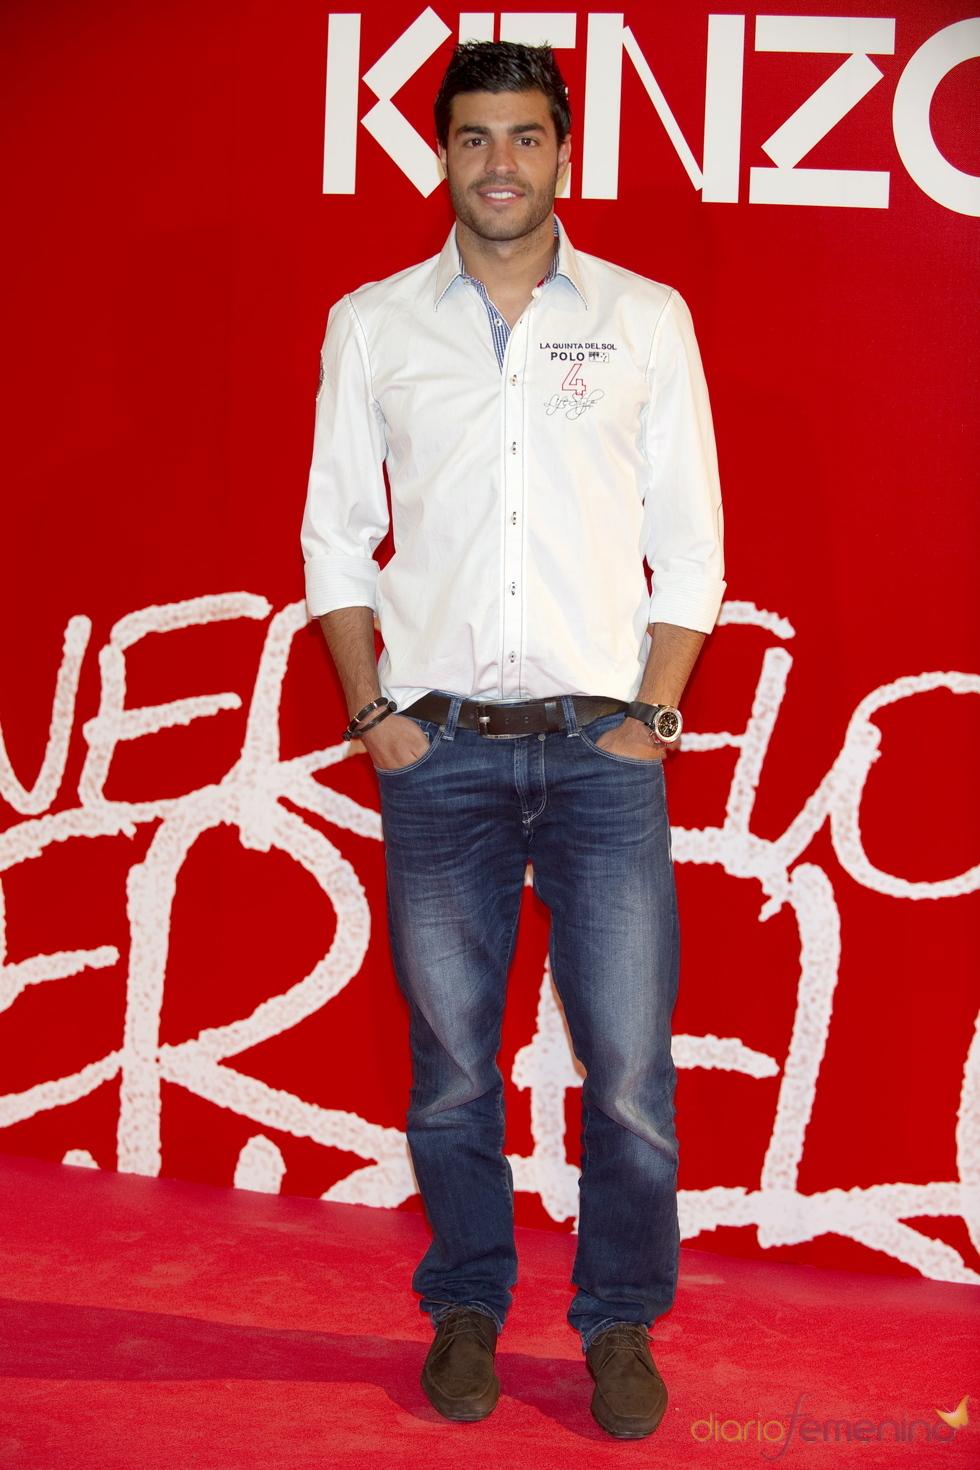 Miguel Torres en la fiesta de verano Kenzo 2011